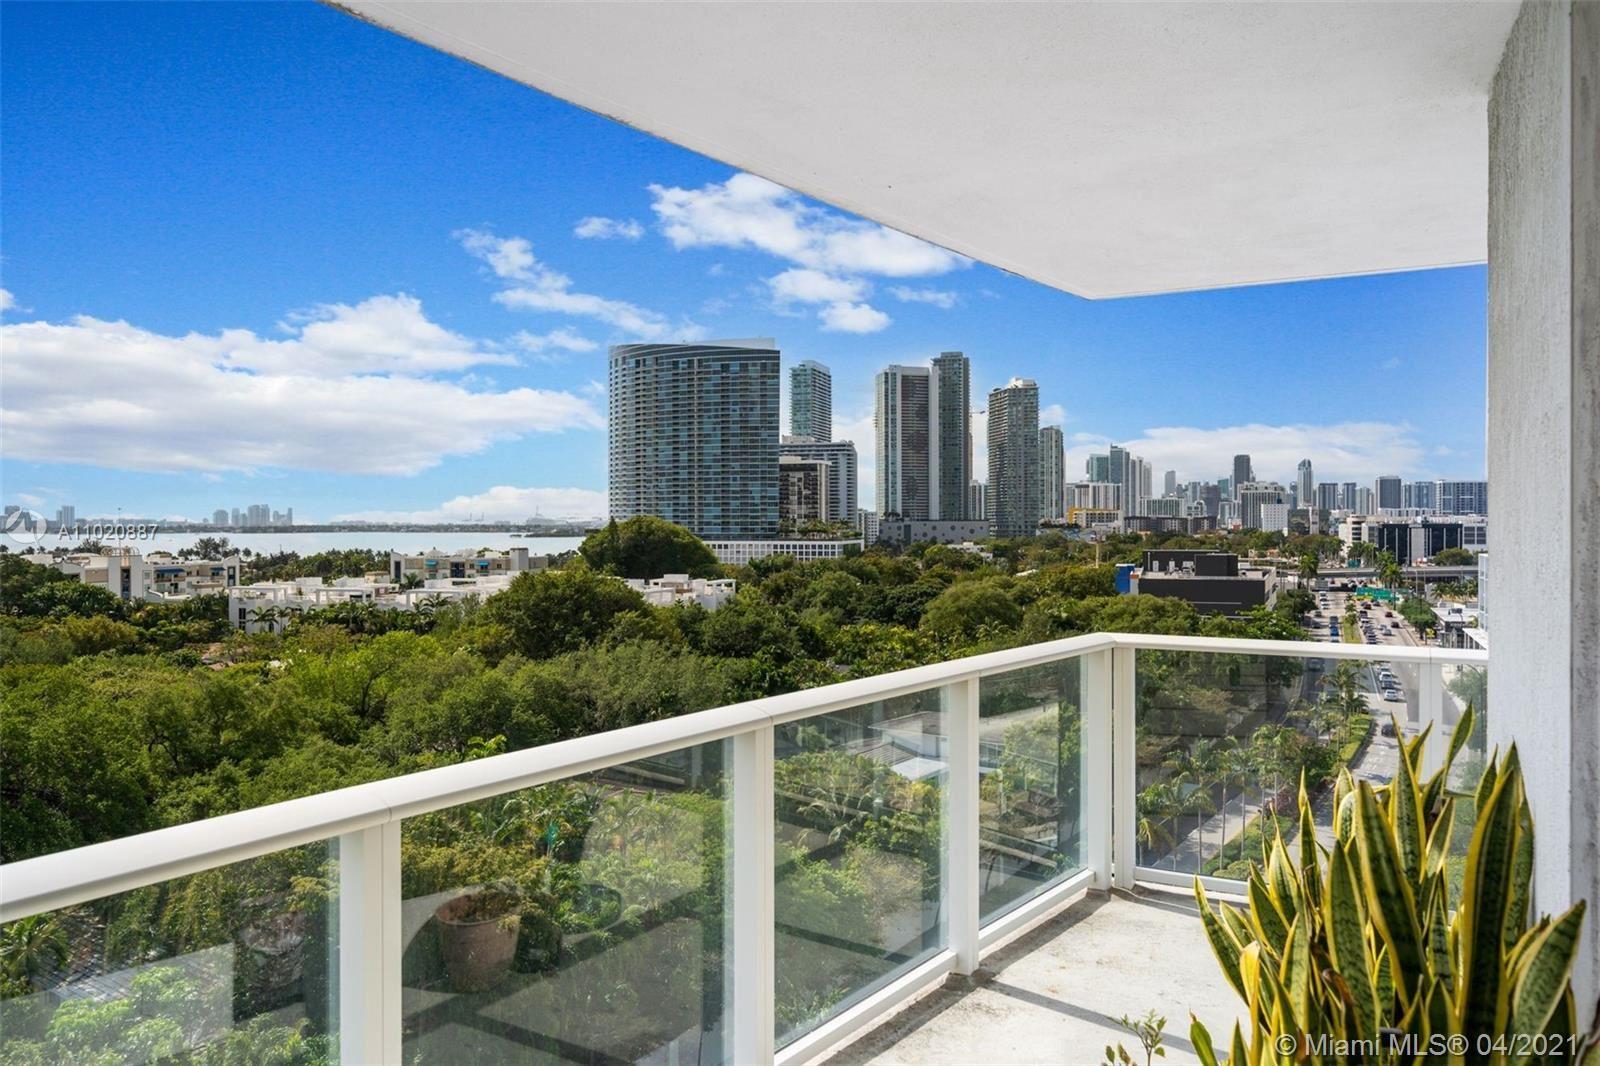 4250 Biscayne Blvd #901, Miami, FL 33137 - #: A11020887